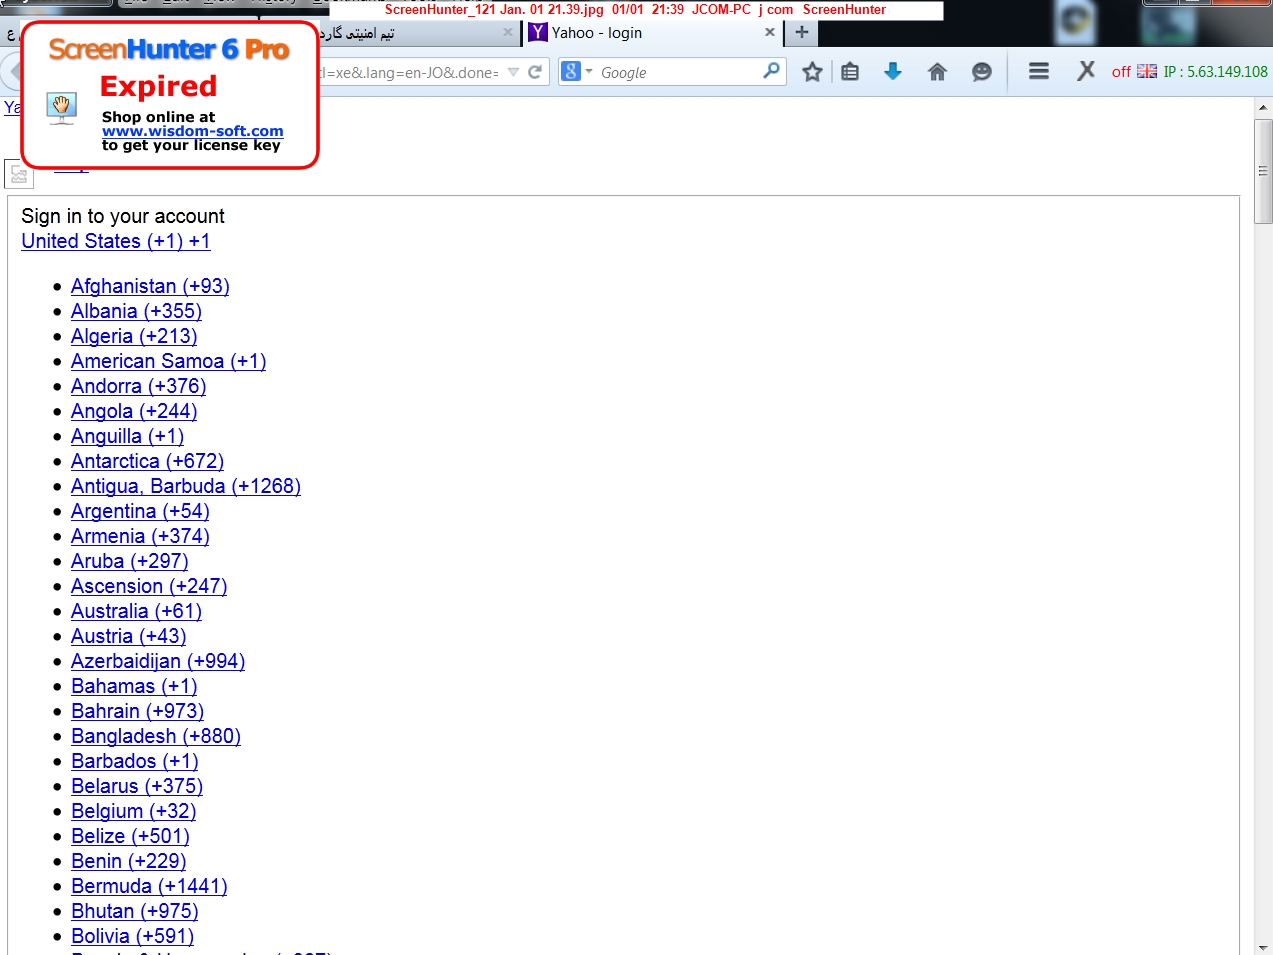 ScreenHunter_121_Jan_01_21_39.jpg